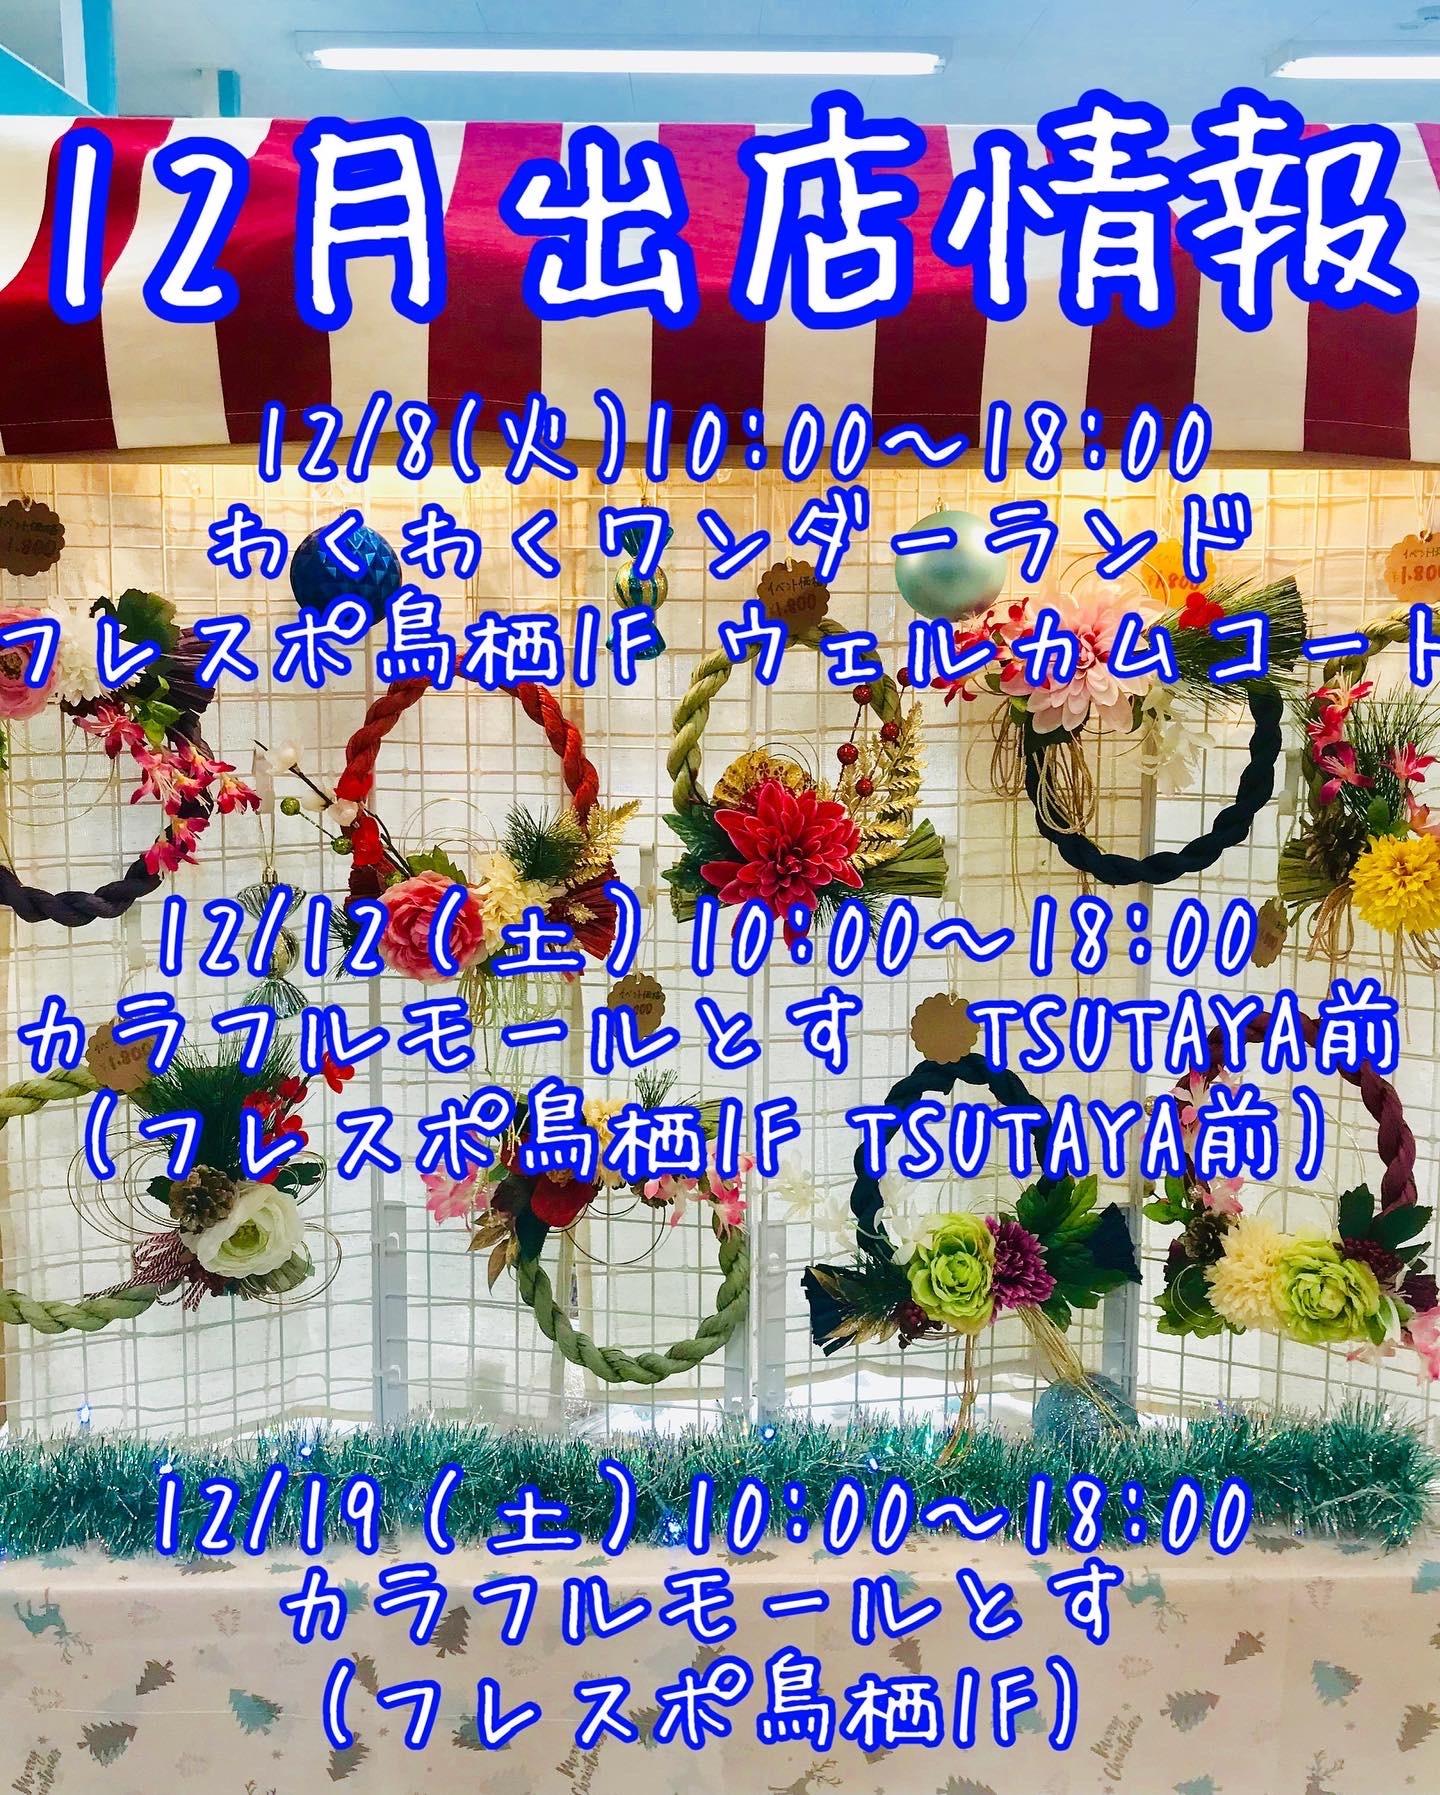 f:id:hana_su-hi:20201207181208j:image